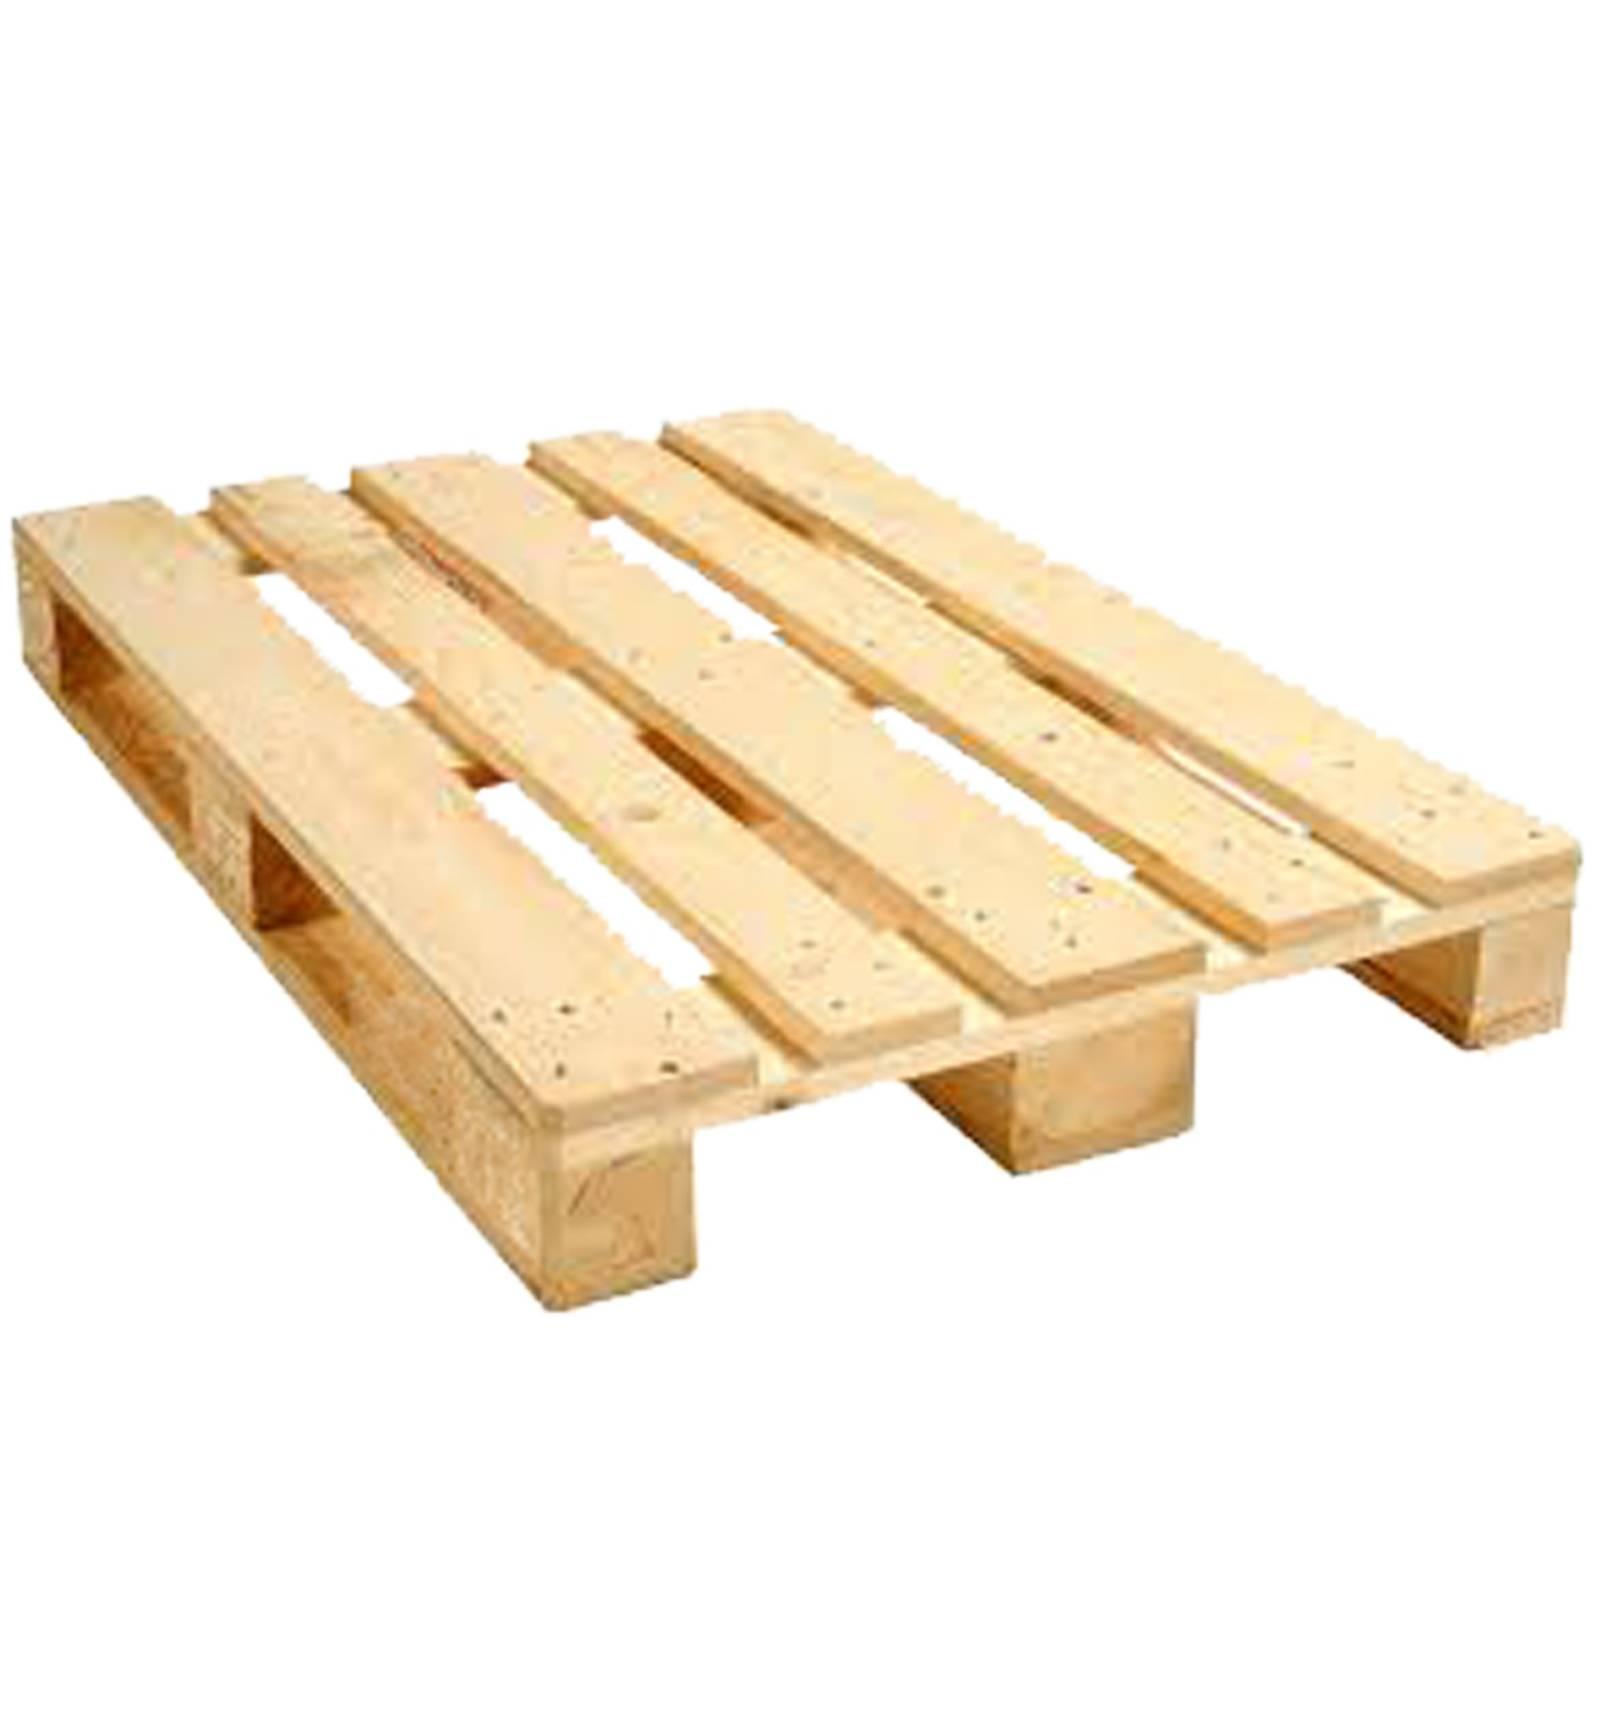 Wooden Pallet 800 X 1200 135